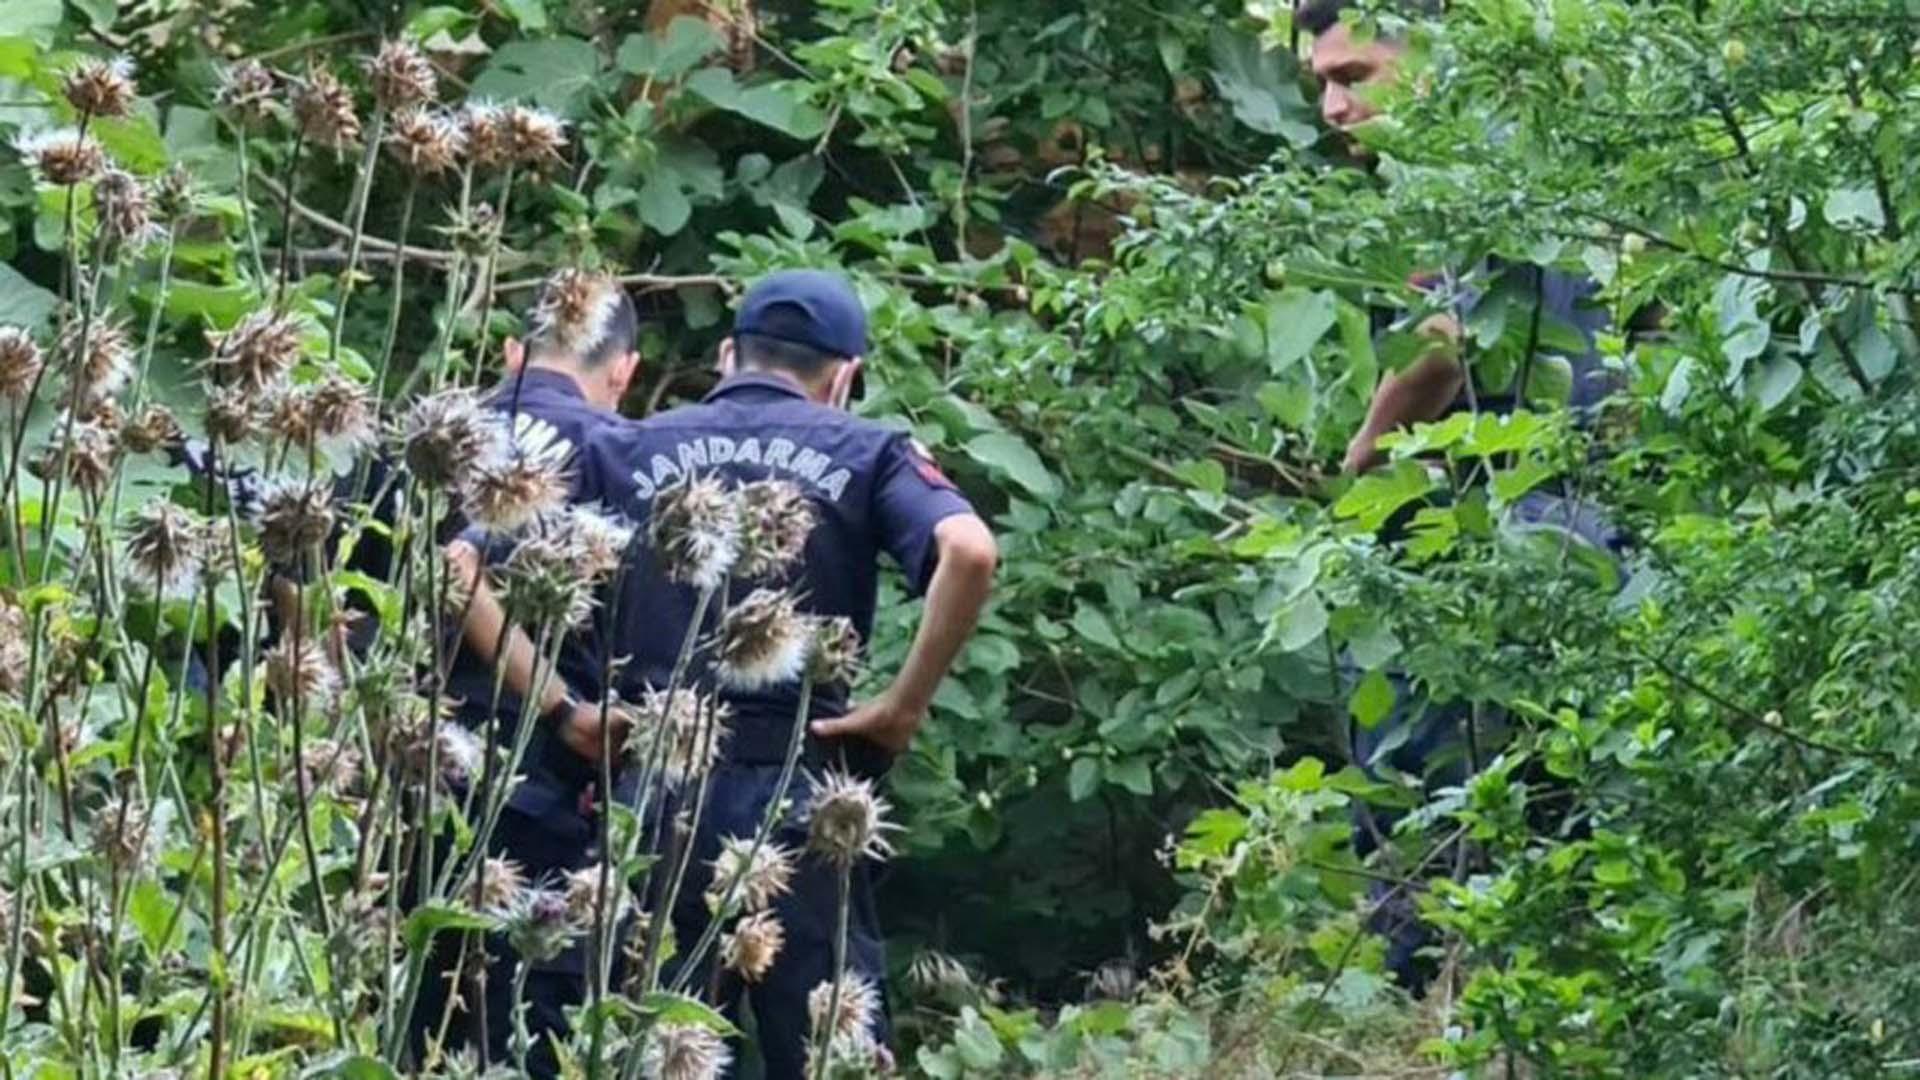 Adana'da kadın cinayeti! Erdal Çavuş, iki çocuk annesi eşi İlknur Çavuş'u silahla vurarak öldürdü